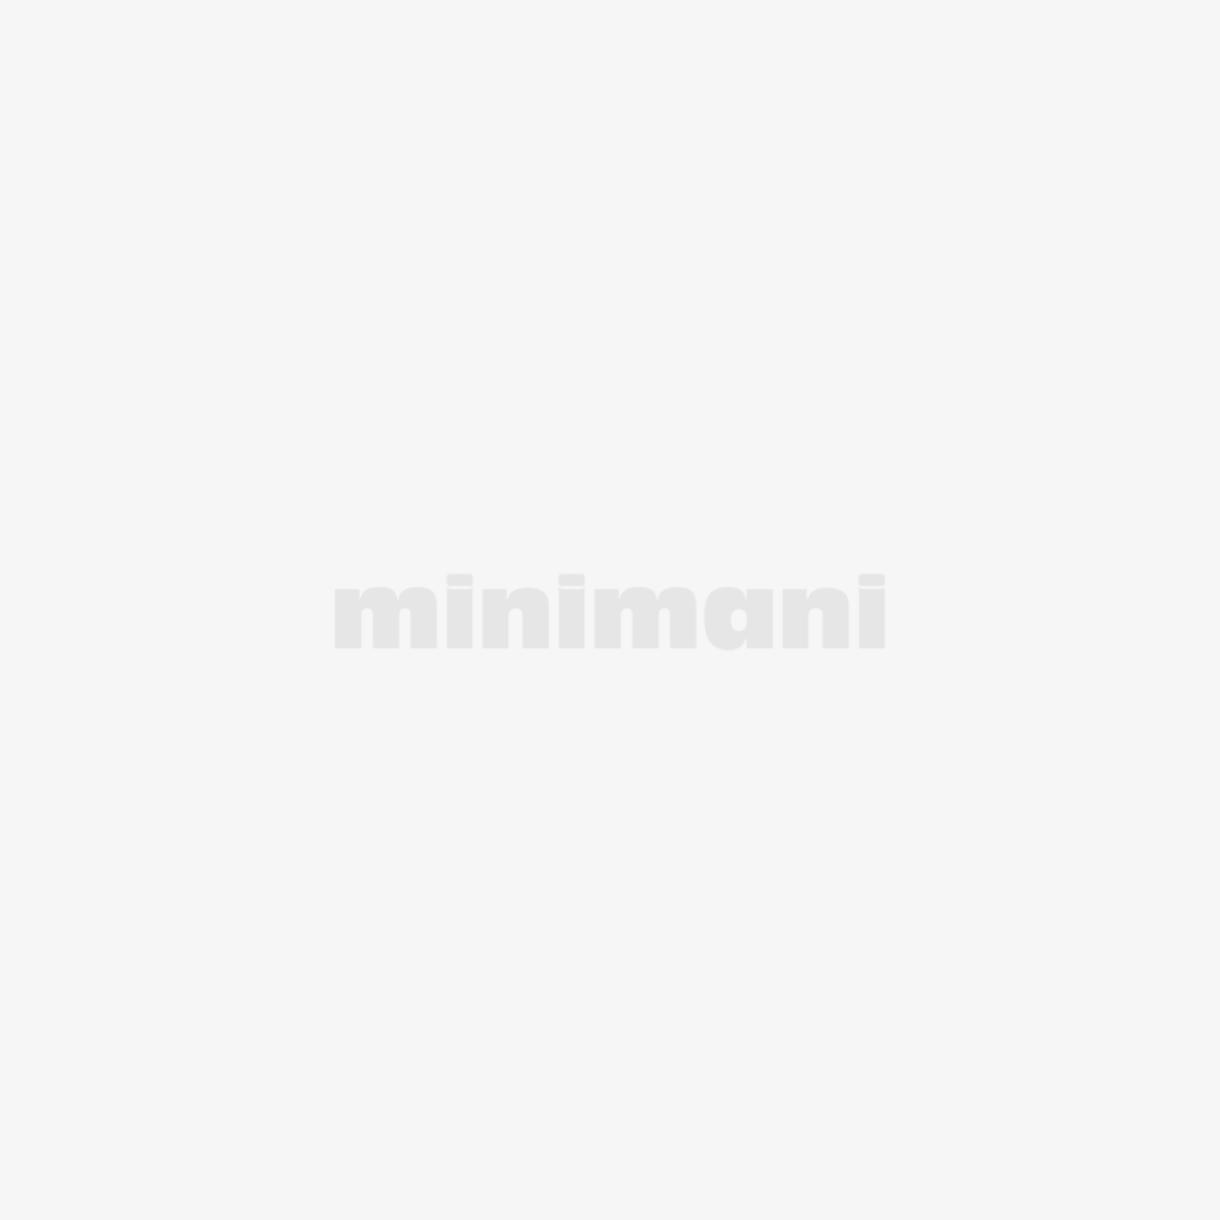 FINNWEAR MIESTEN NILKKASUKAT, MERSSILYCRA 46-48 1210